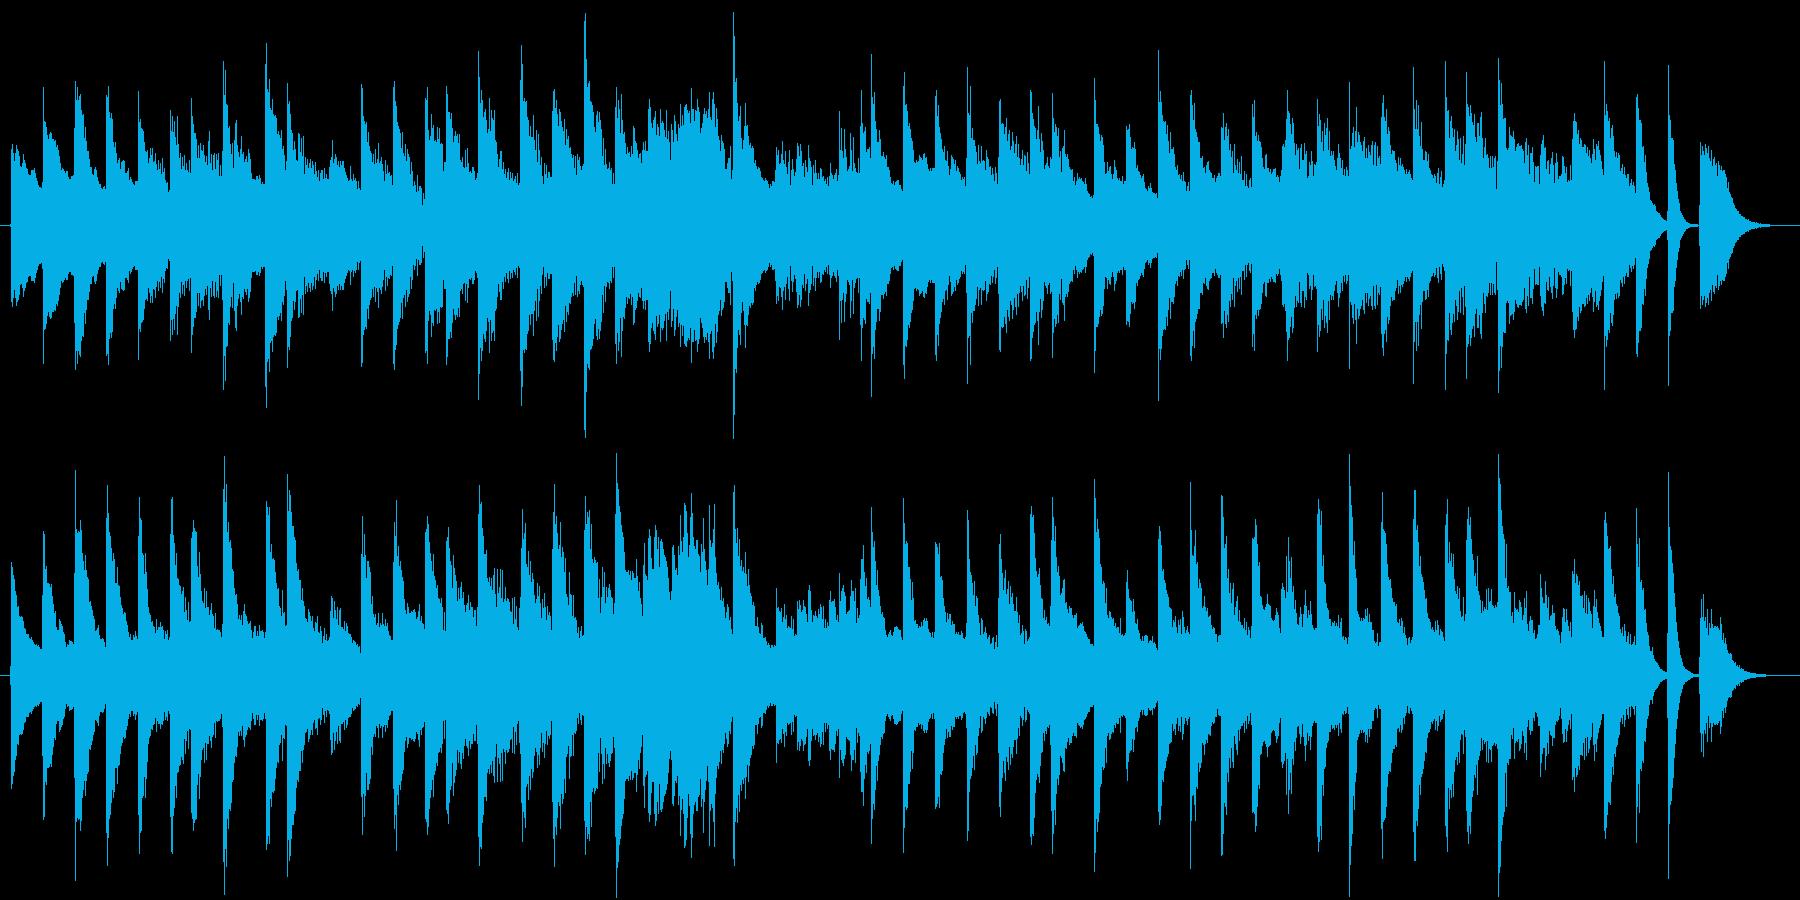 ノスタルジックで軽やかなピアノジングルの再生済みの波形